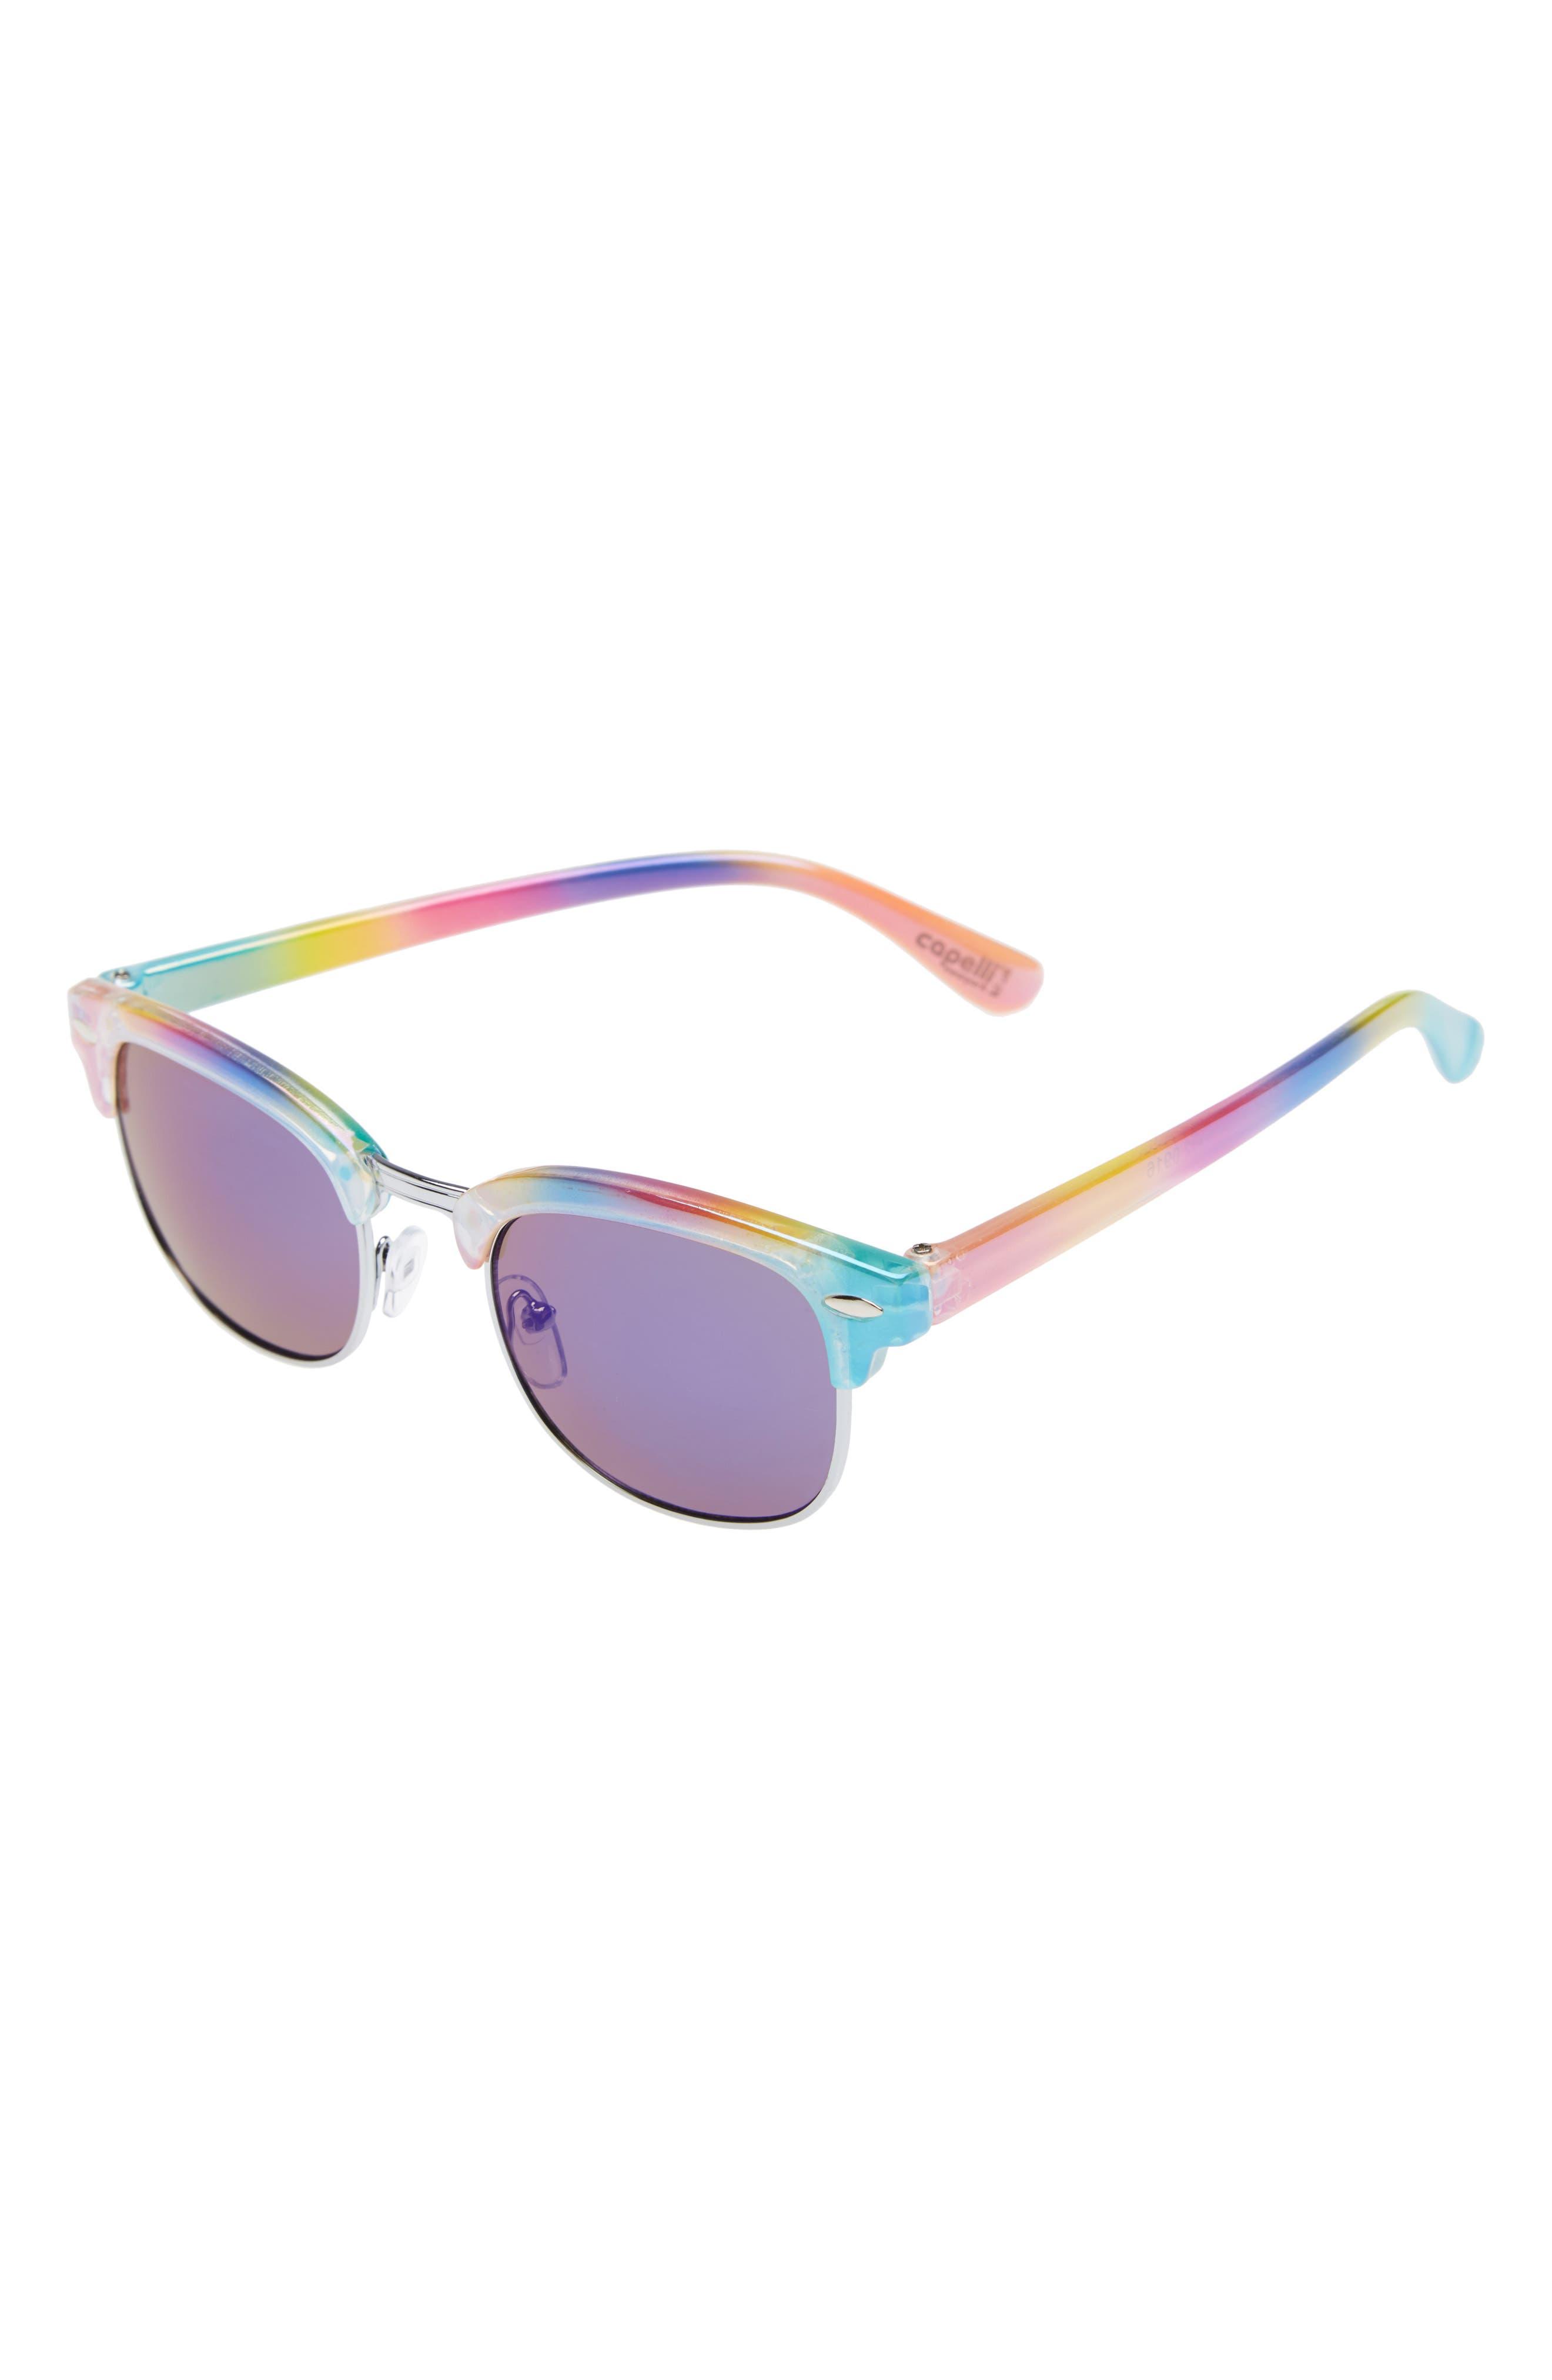 Capelli of New York Retro Sunglasses,                         Main,                         color, 650